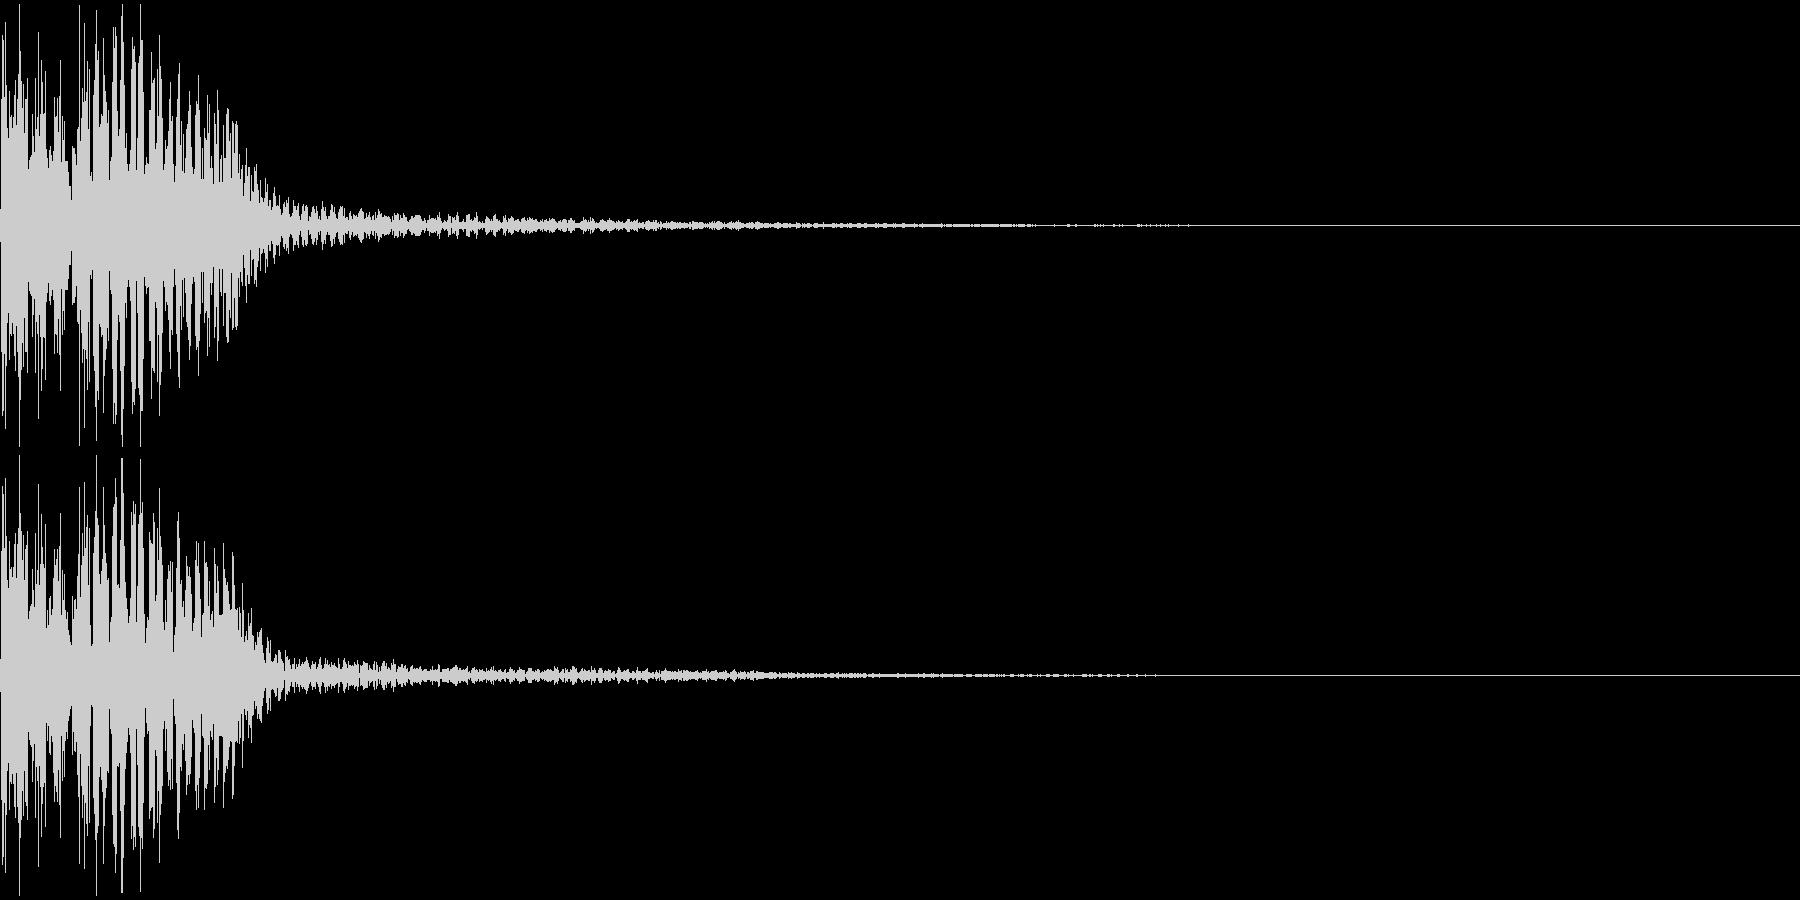 汎用性の高いボタン音 プルン の未再生の波形